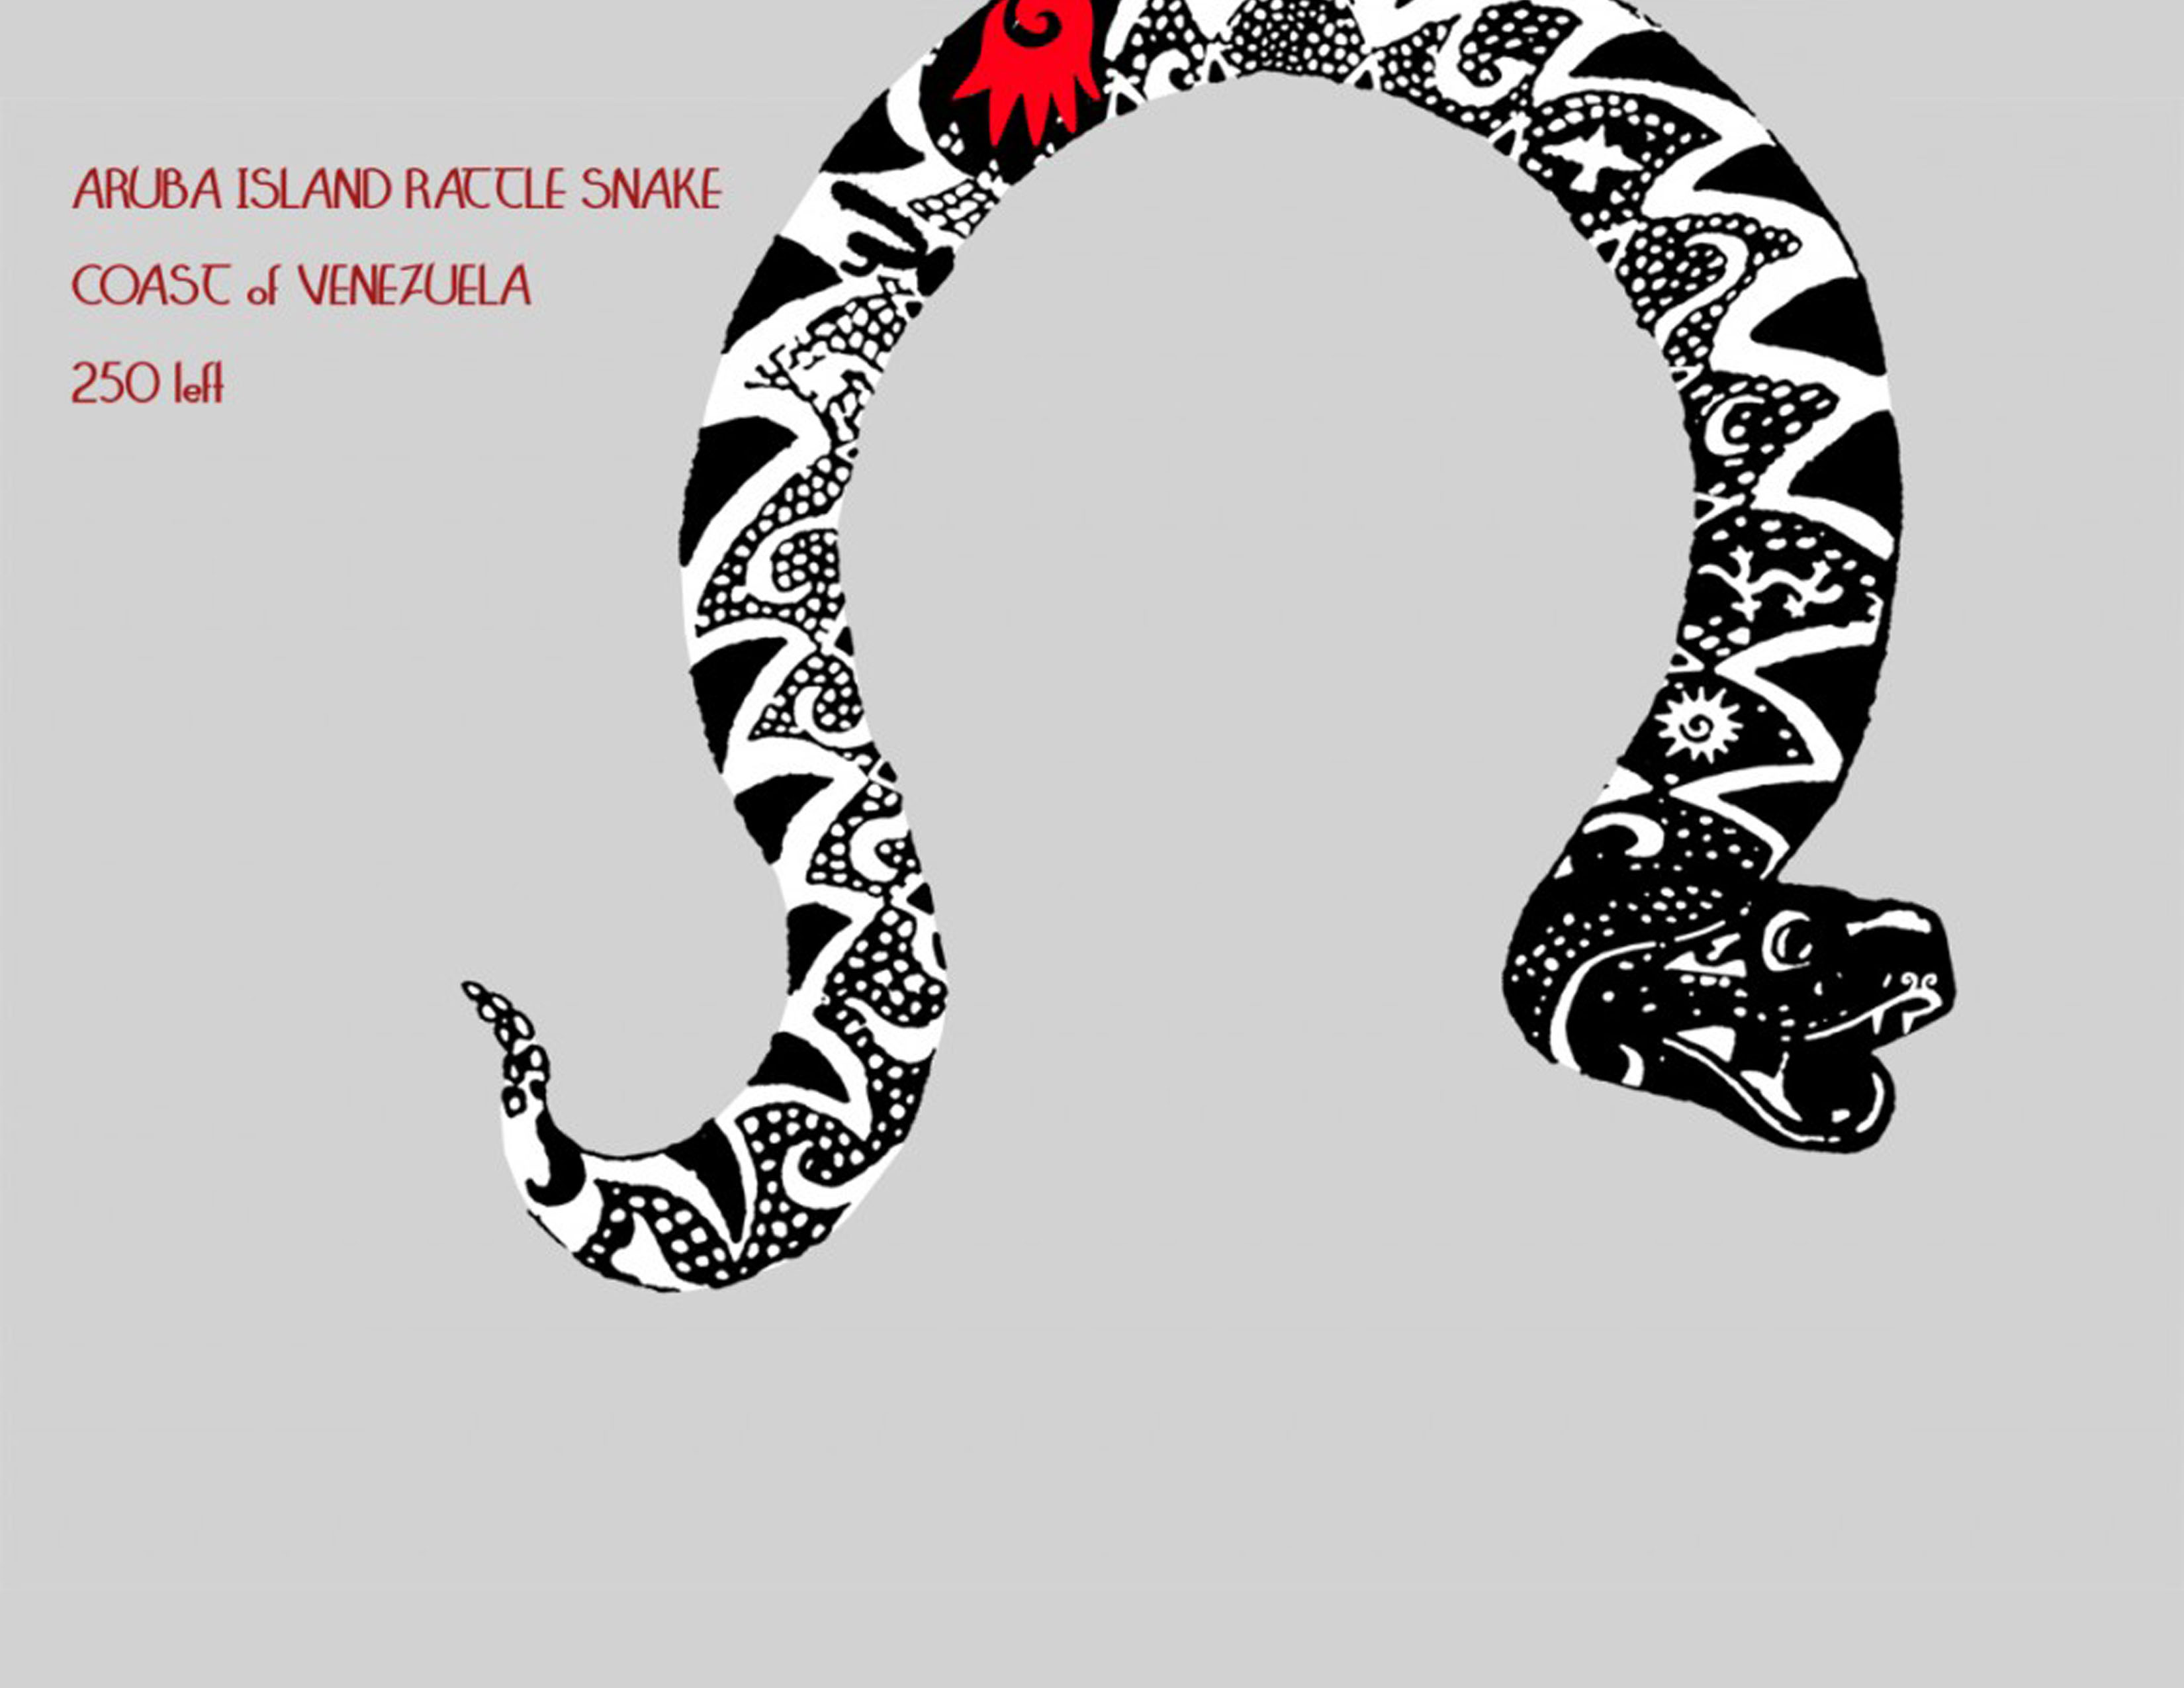 14a-aruba-snake